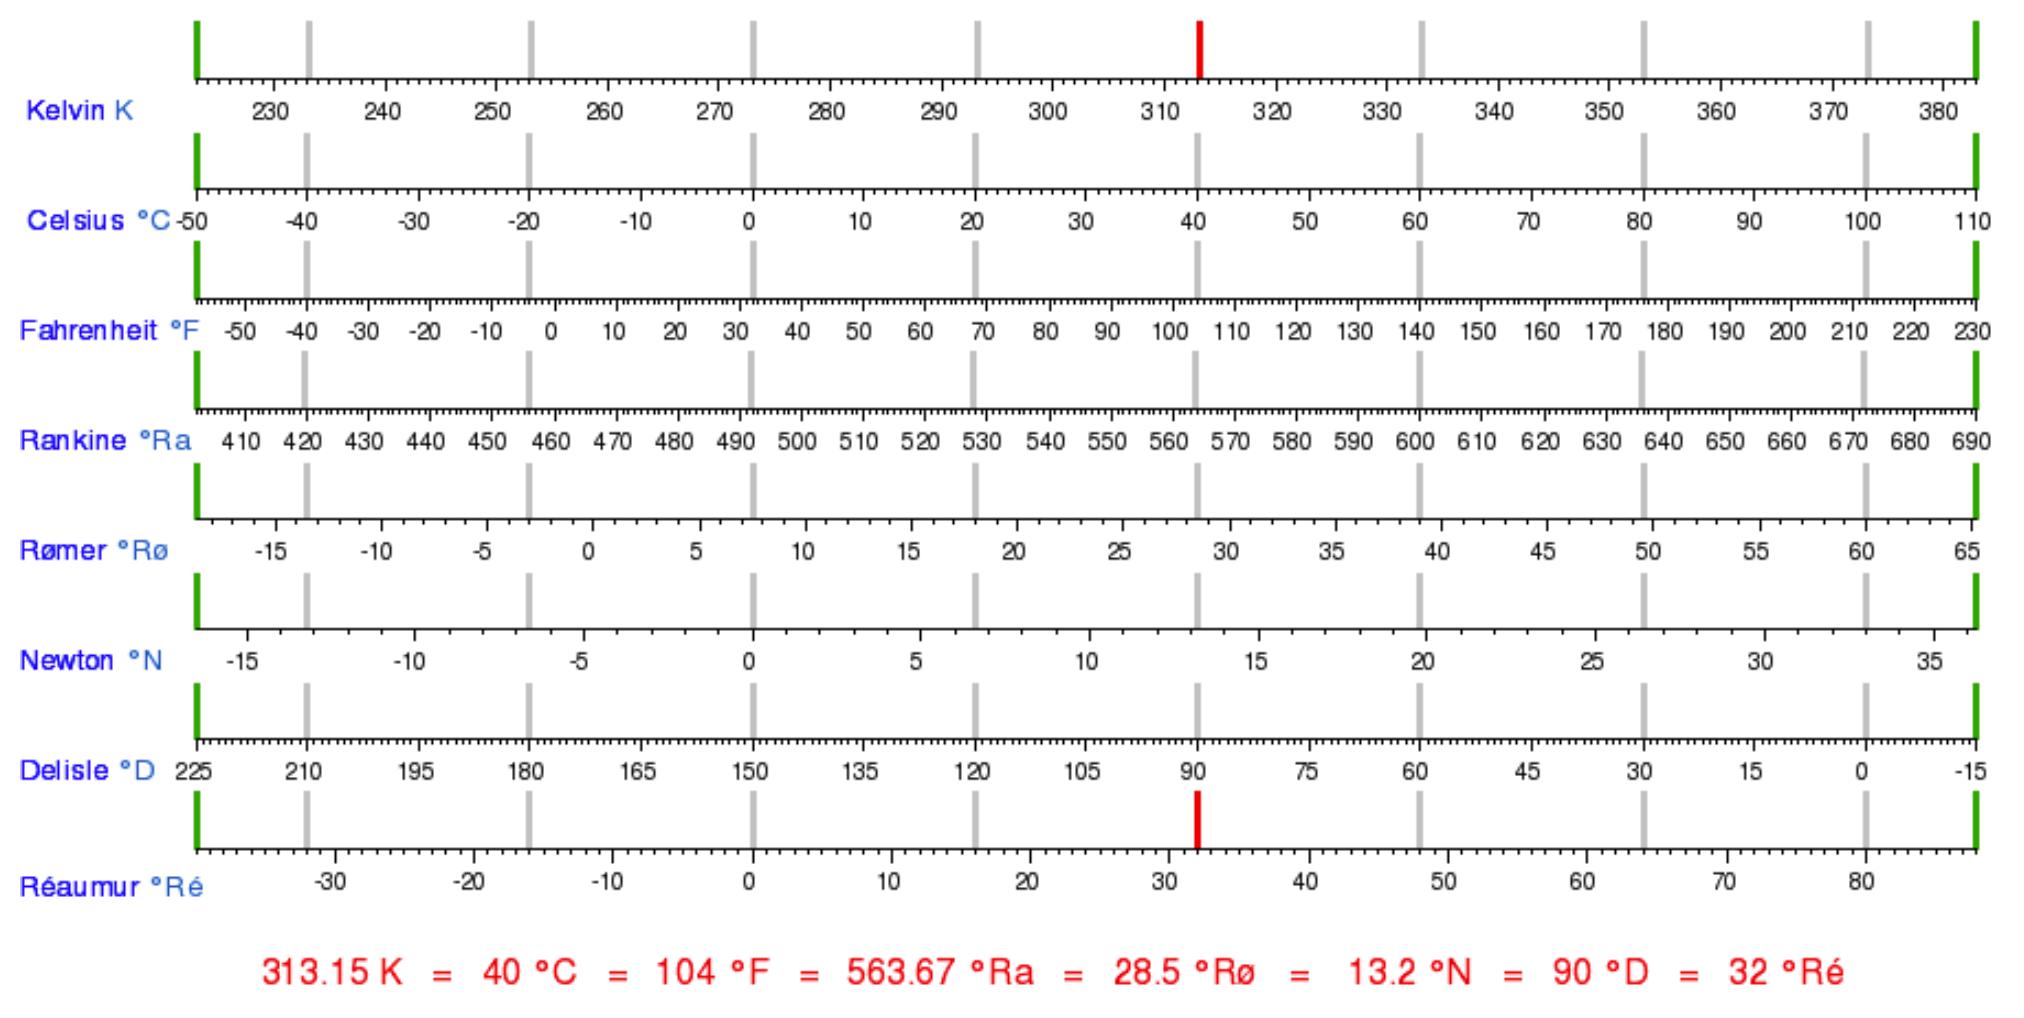 Bảng so sánh các thang đo nhiệt độ